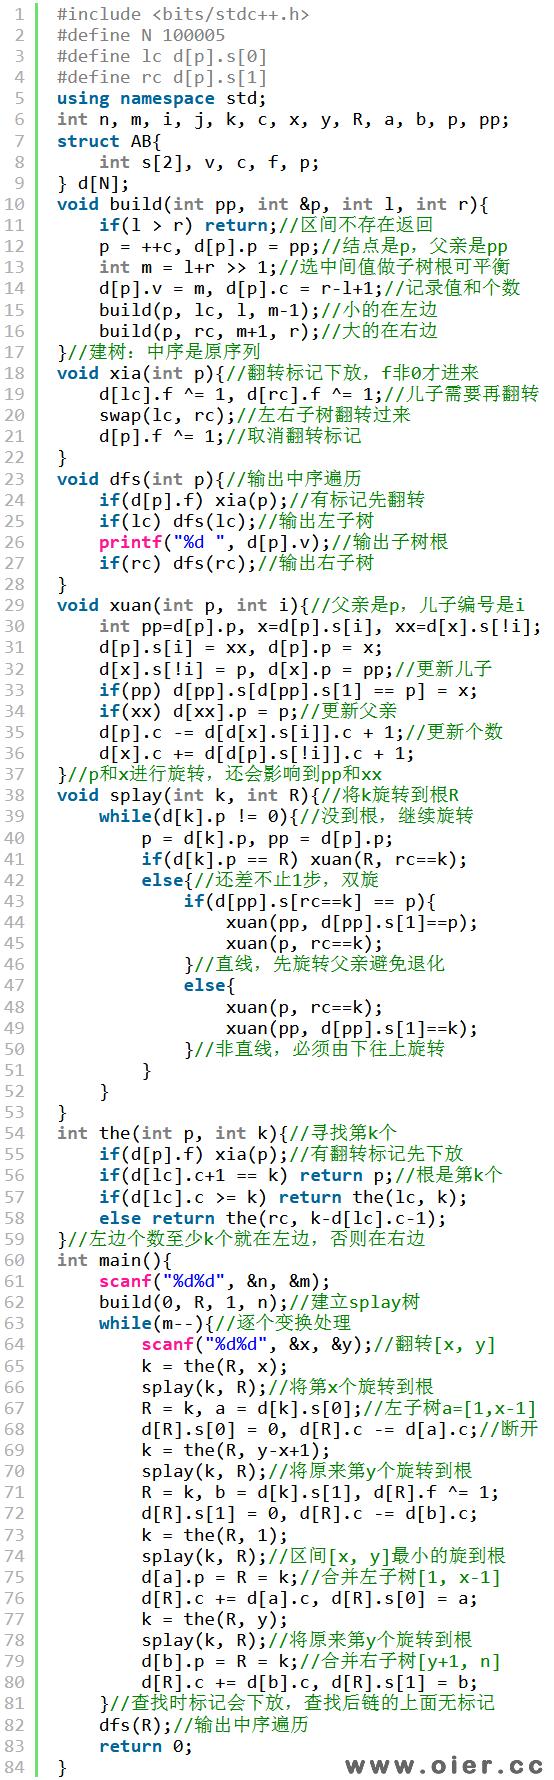 洛谷P3391【模板】文艺平衡树(Splay)